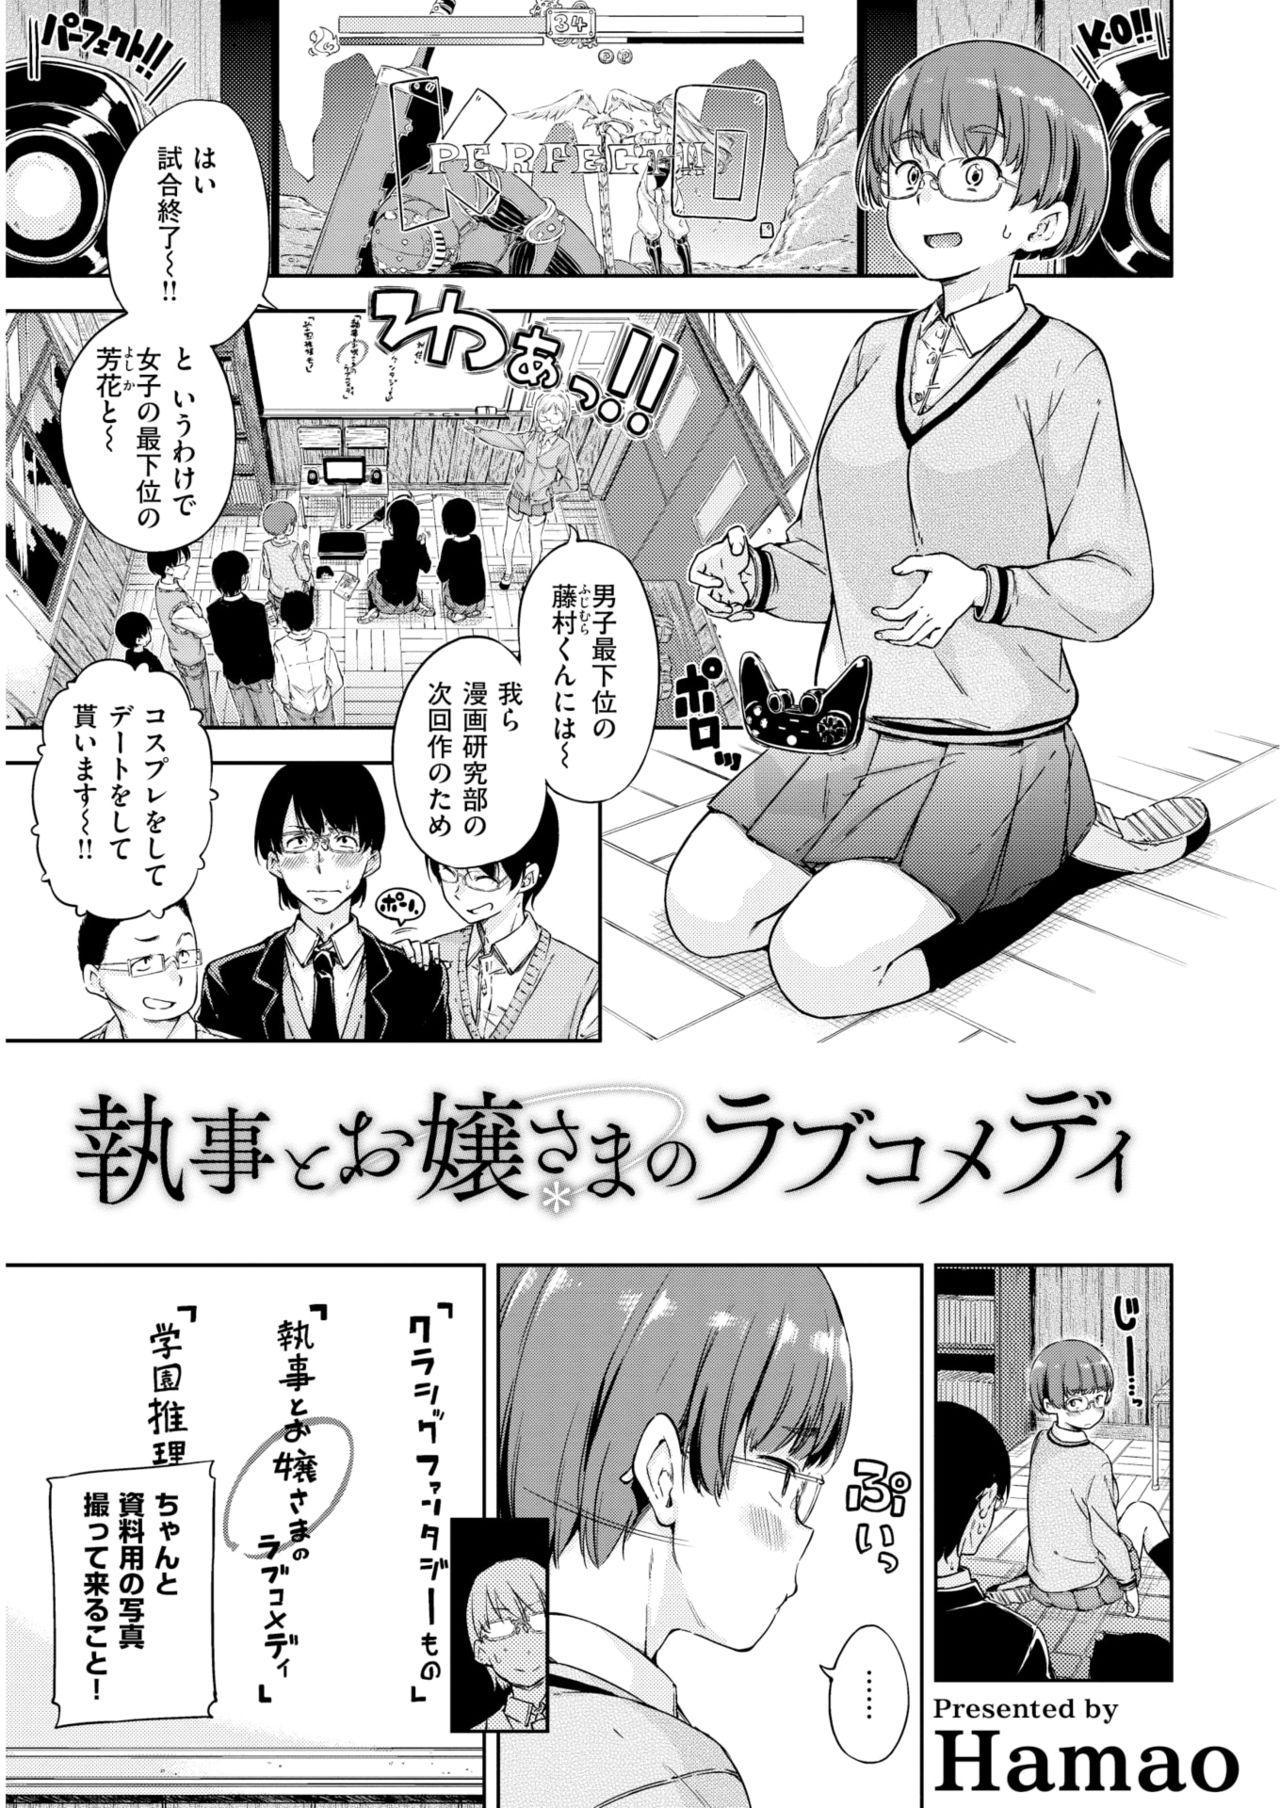 COMIC Kairakuten 25 Shuunen kinen tokubetsugou 391